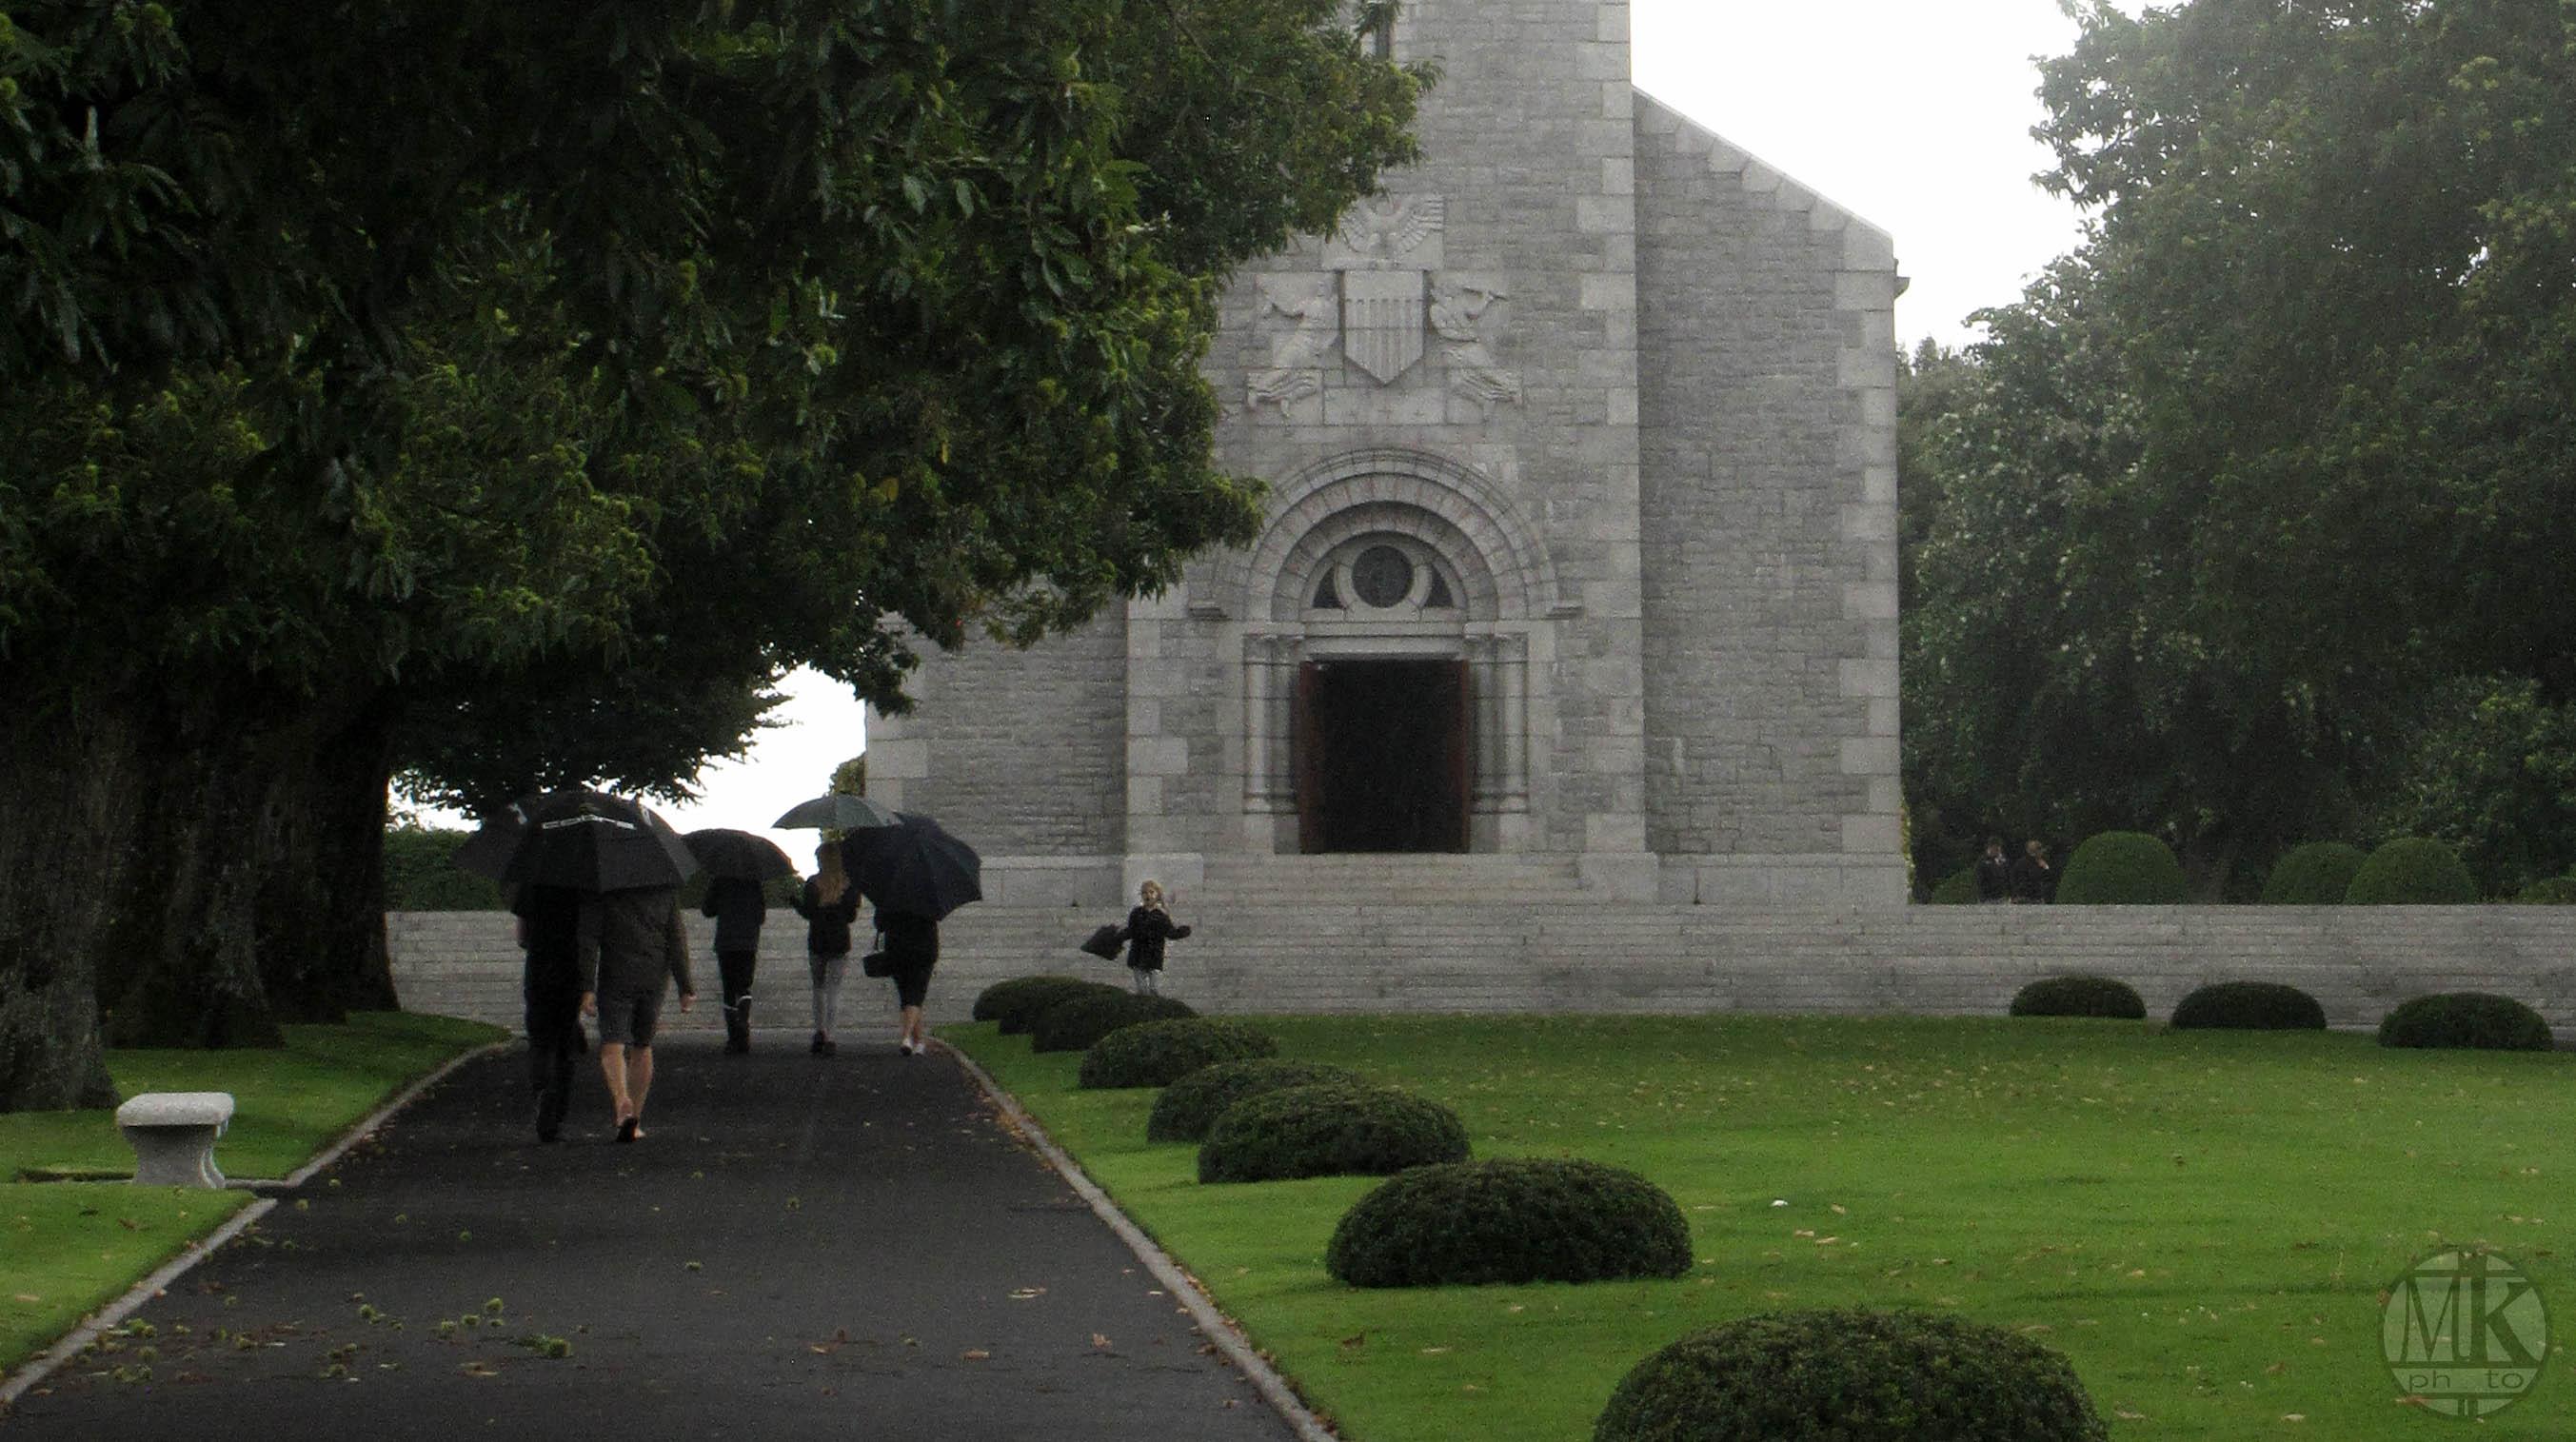 cimetière américain st james août 17.jpg